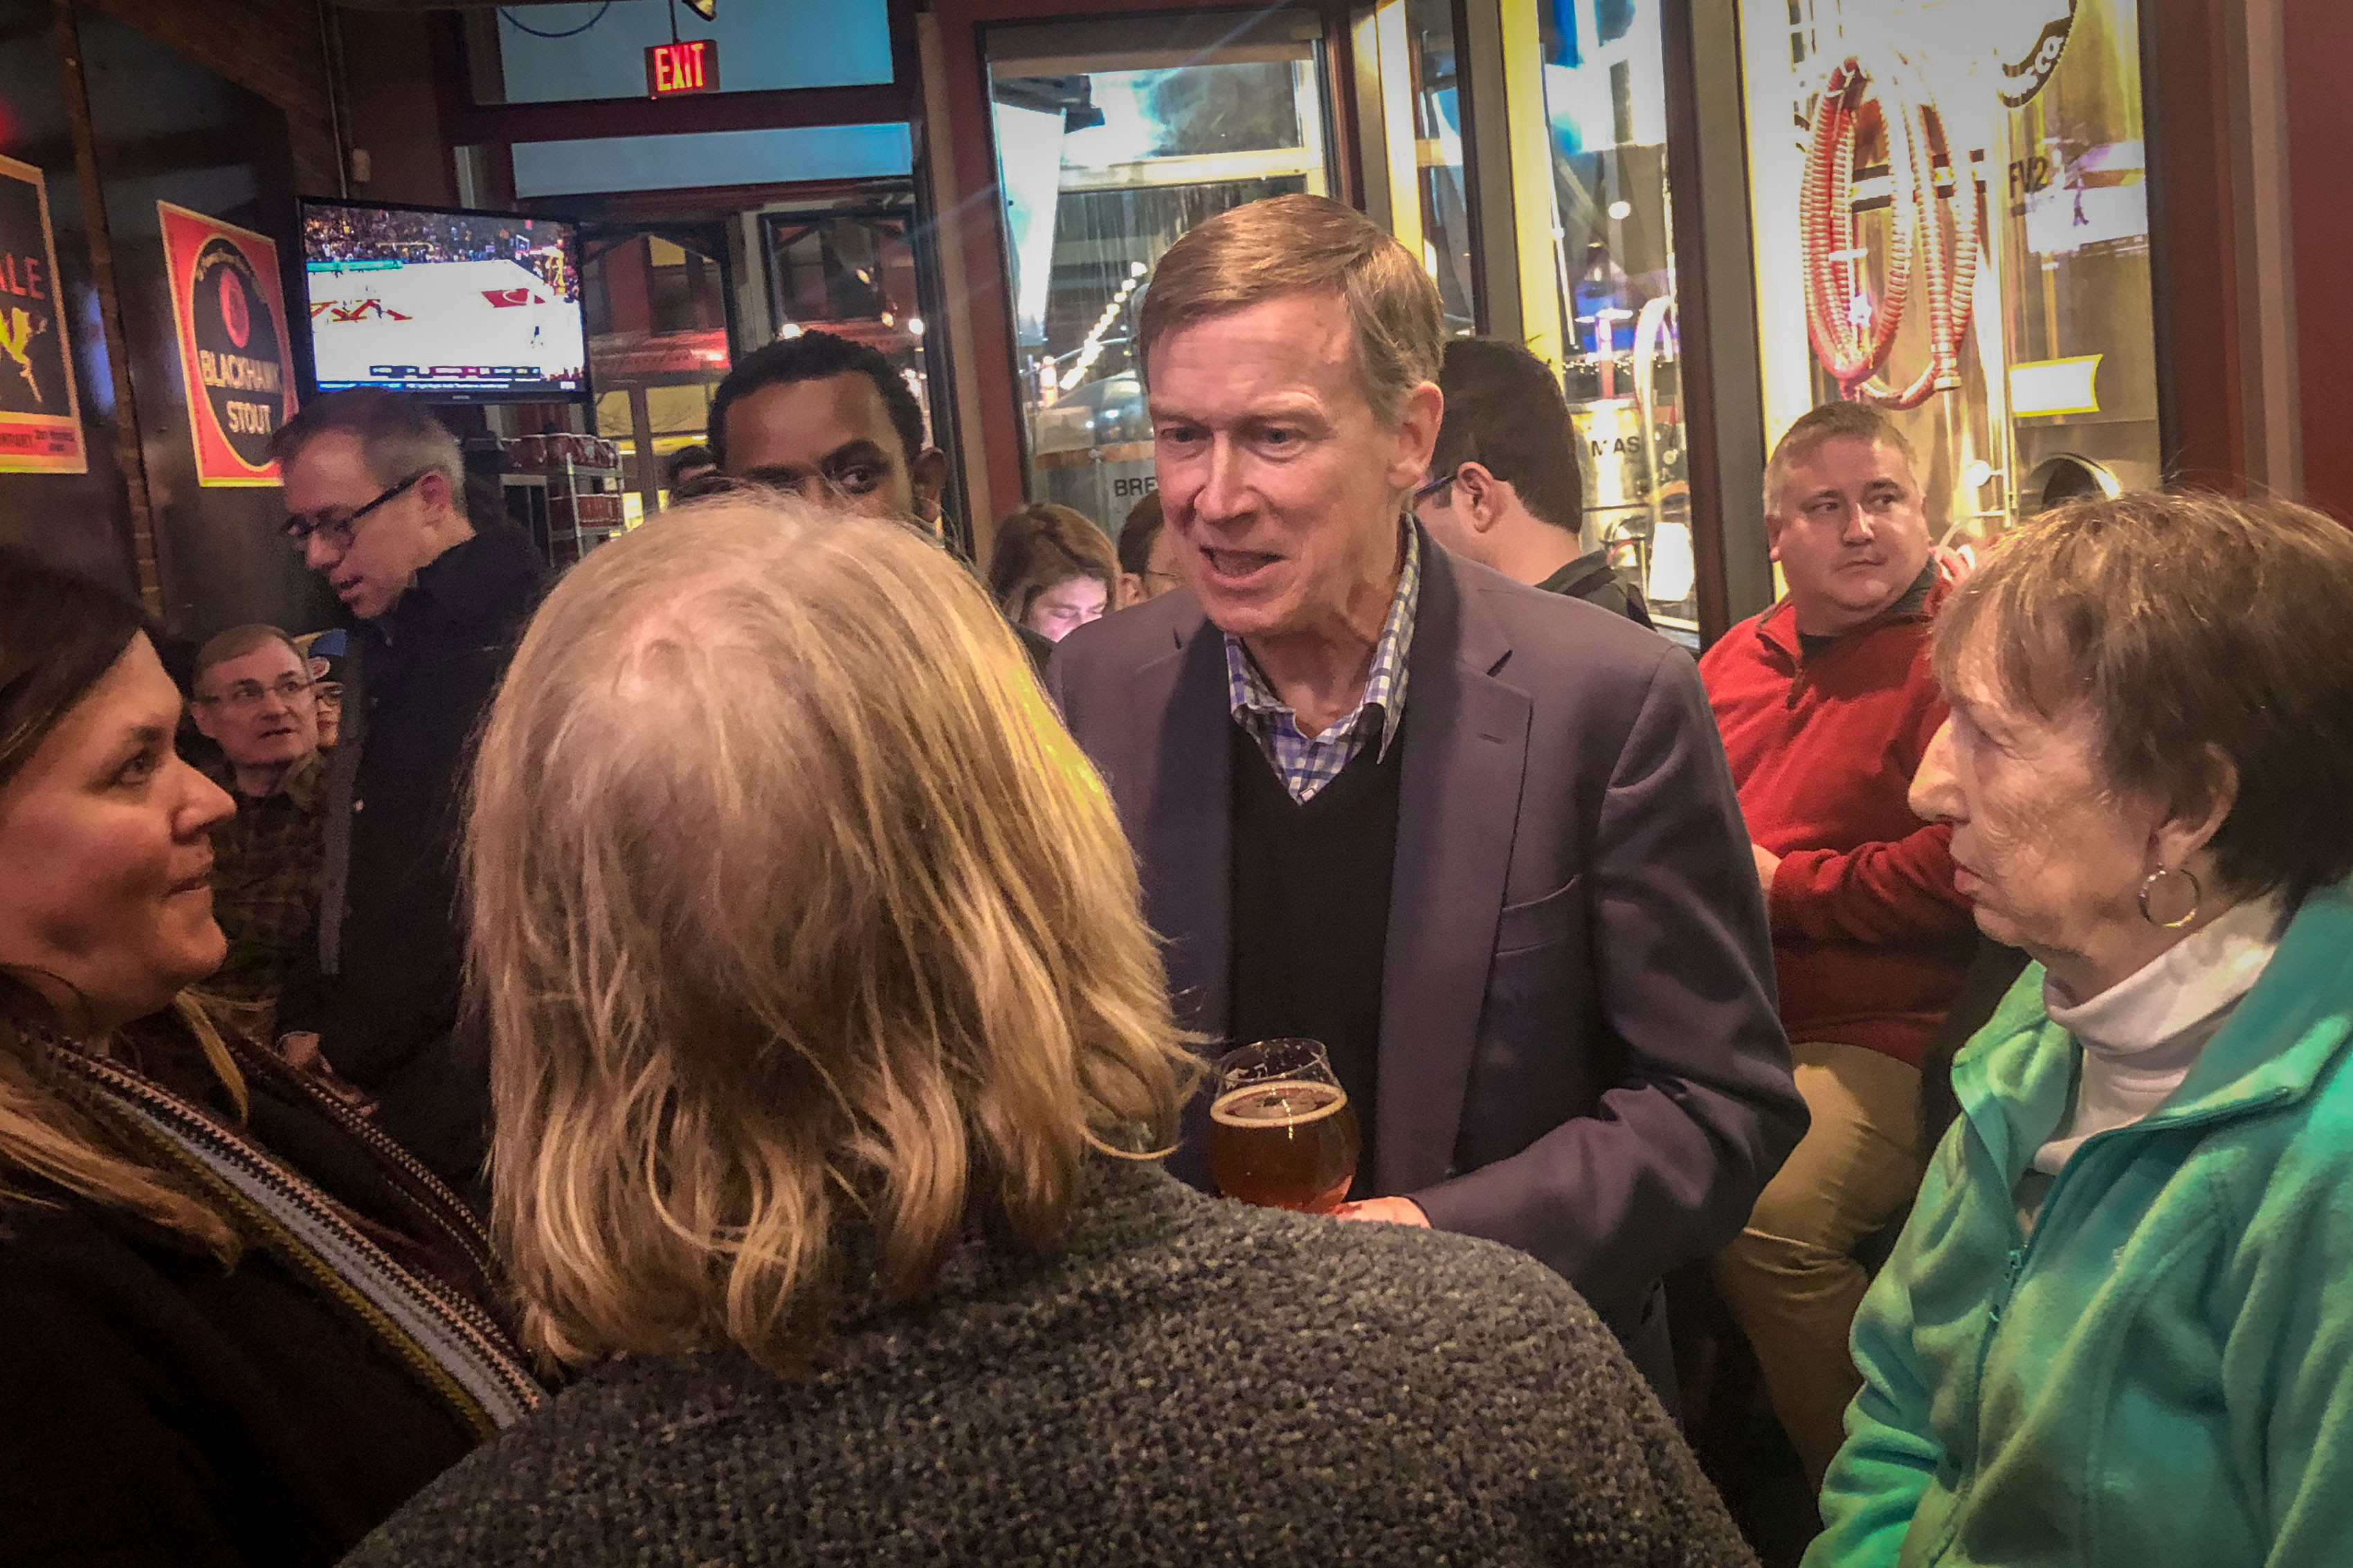 Photo: Hickenlooper January Iowa | Brewery Visit - ACotton